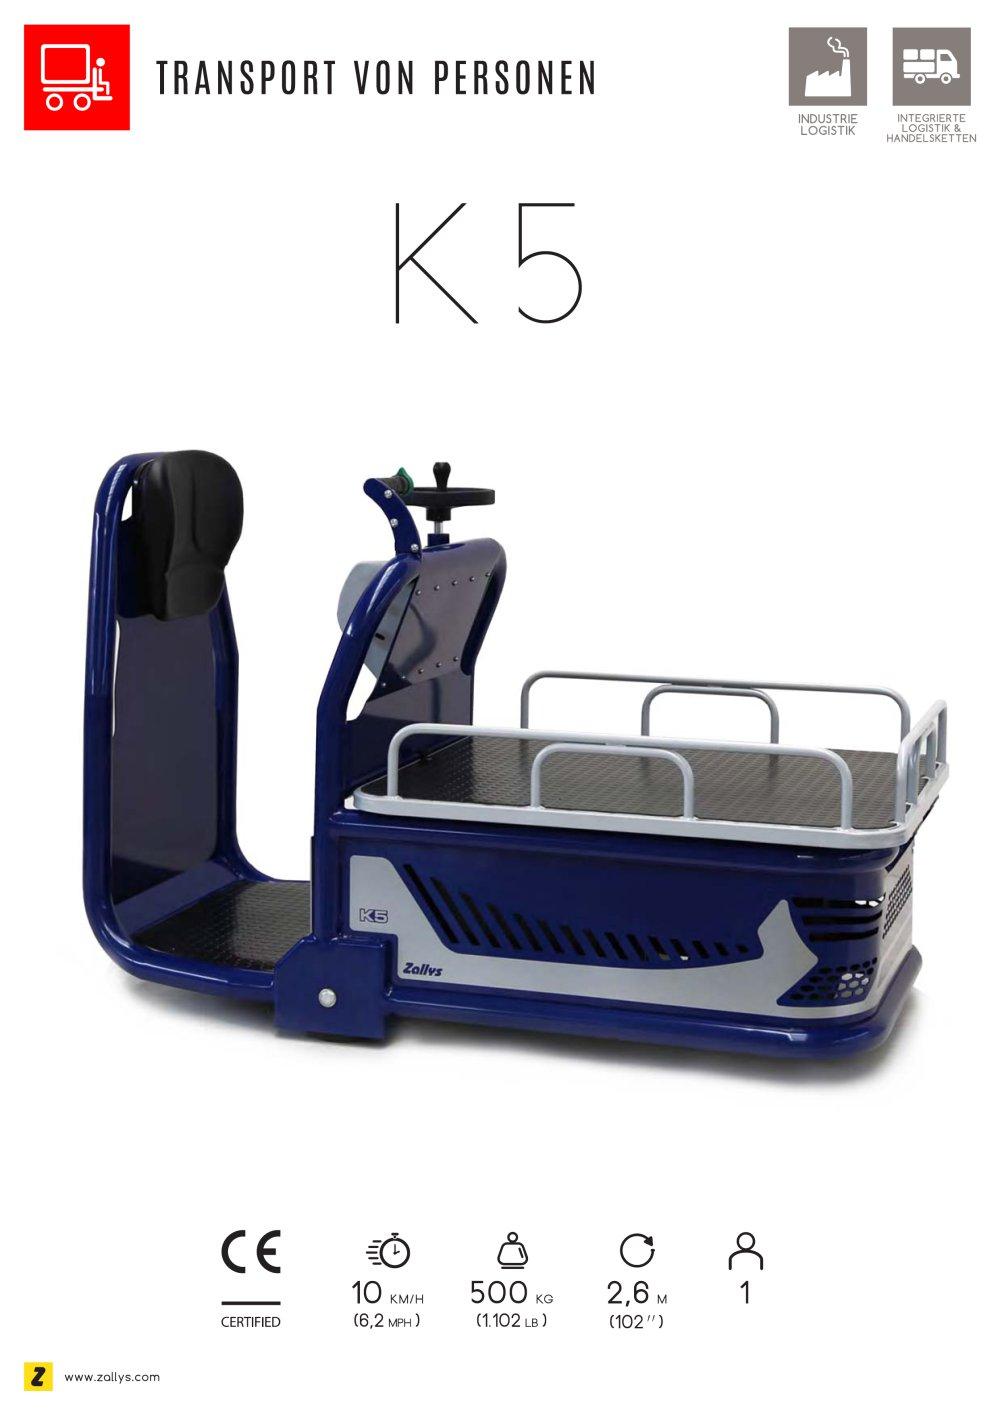 k5 elektro-kommissionierer mit batterienantrieb - zallys s.r.l.